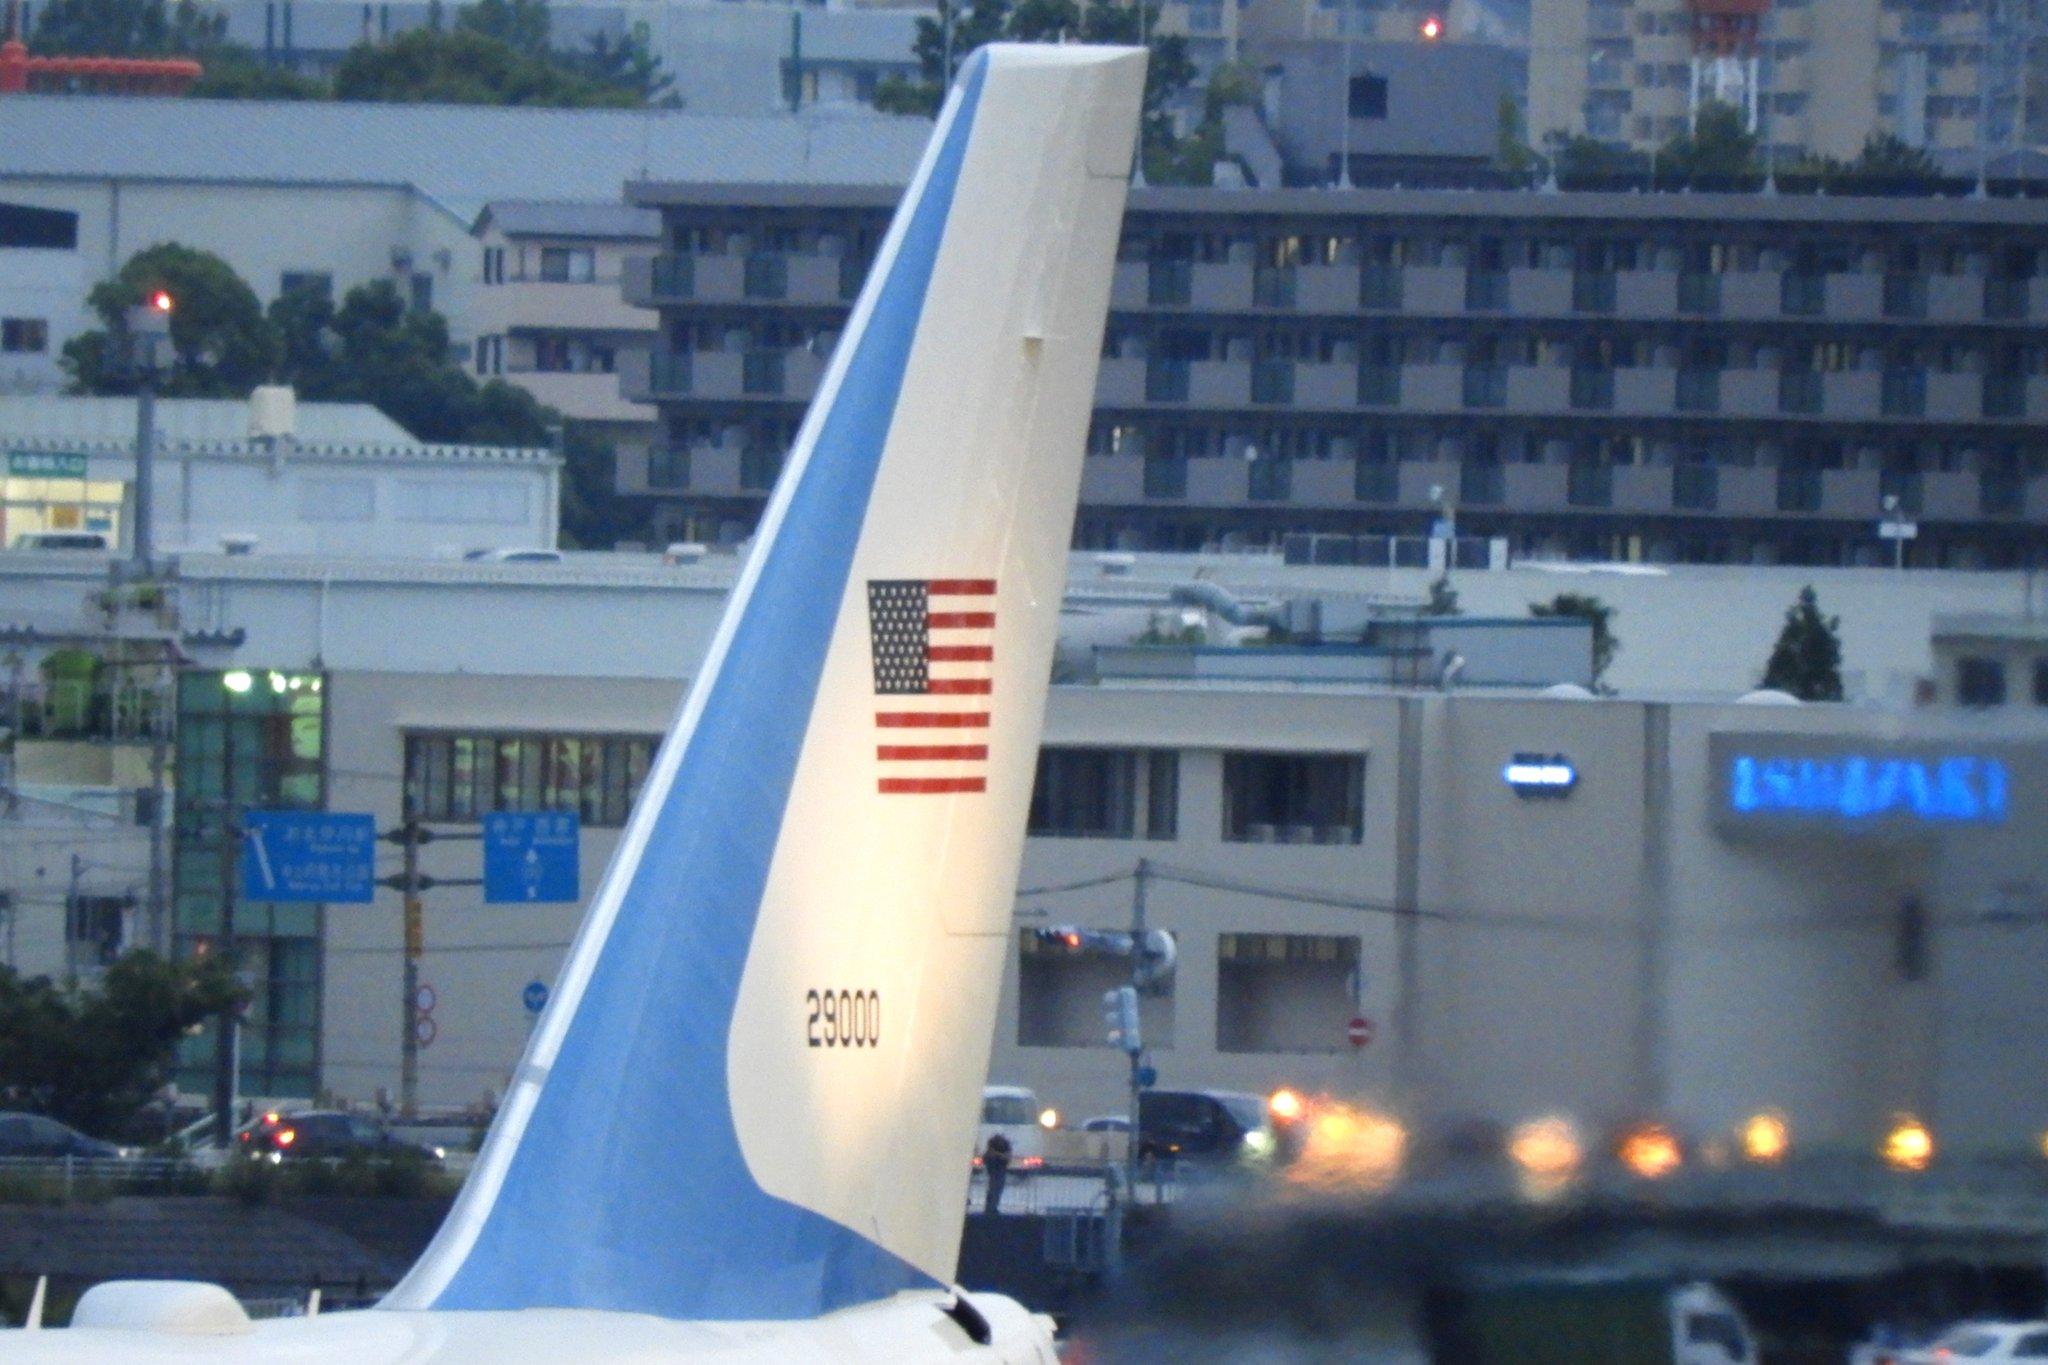 画像,あぁ。最初から大阪モノレールの大阪空港駅端で撮ってたらよかった。( ´△`)トランプ大統領 エアフォースワン伊丹空港 尾翼。 https://t.co/blZ7…